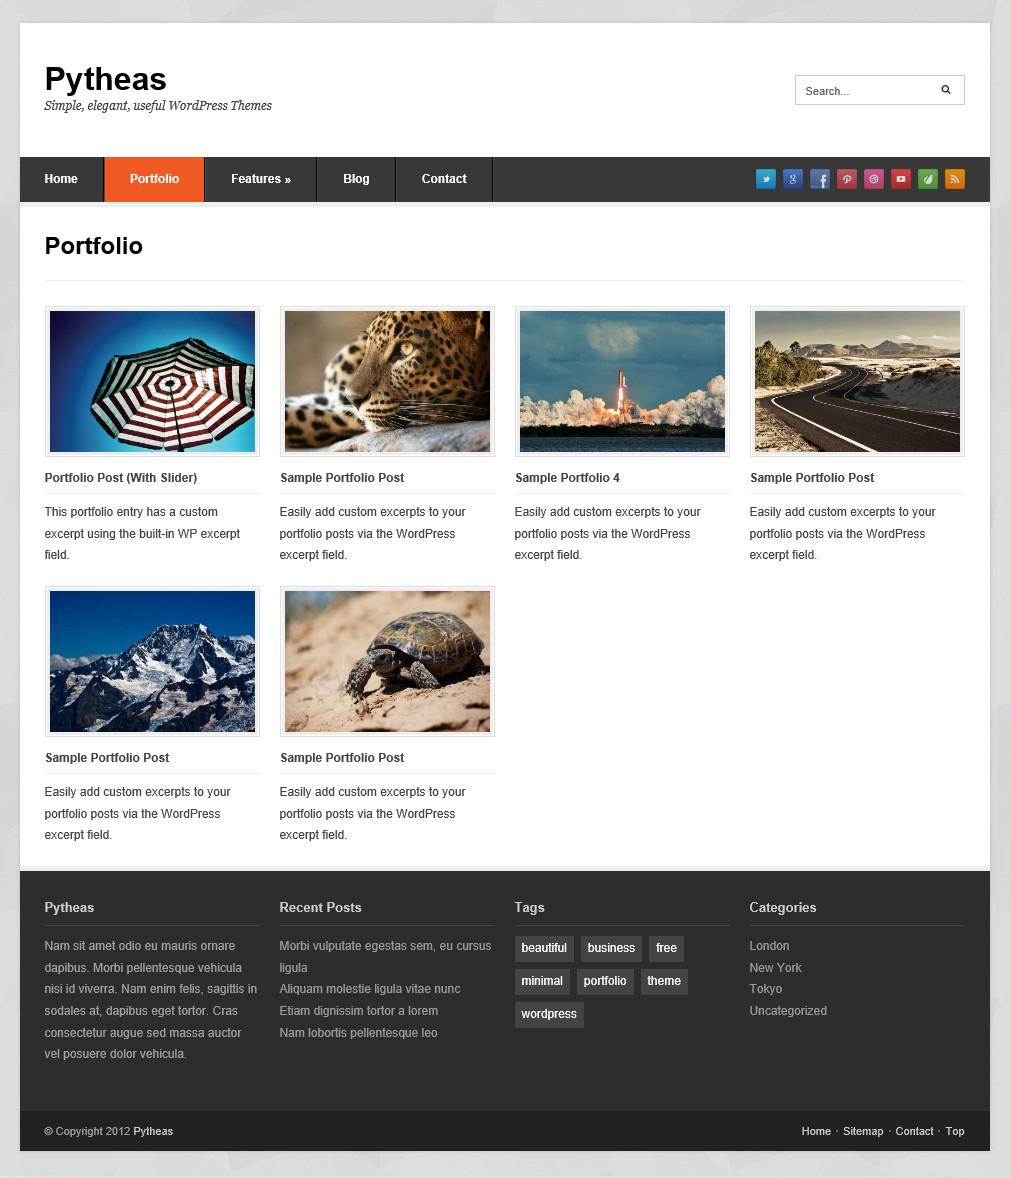 Pytheas - отзывчивая тема для корпоративного блога (4)